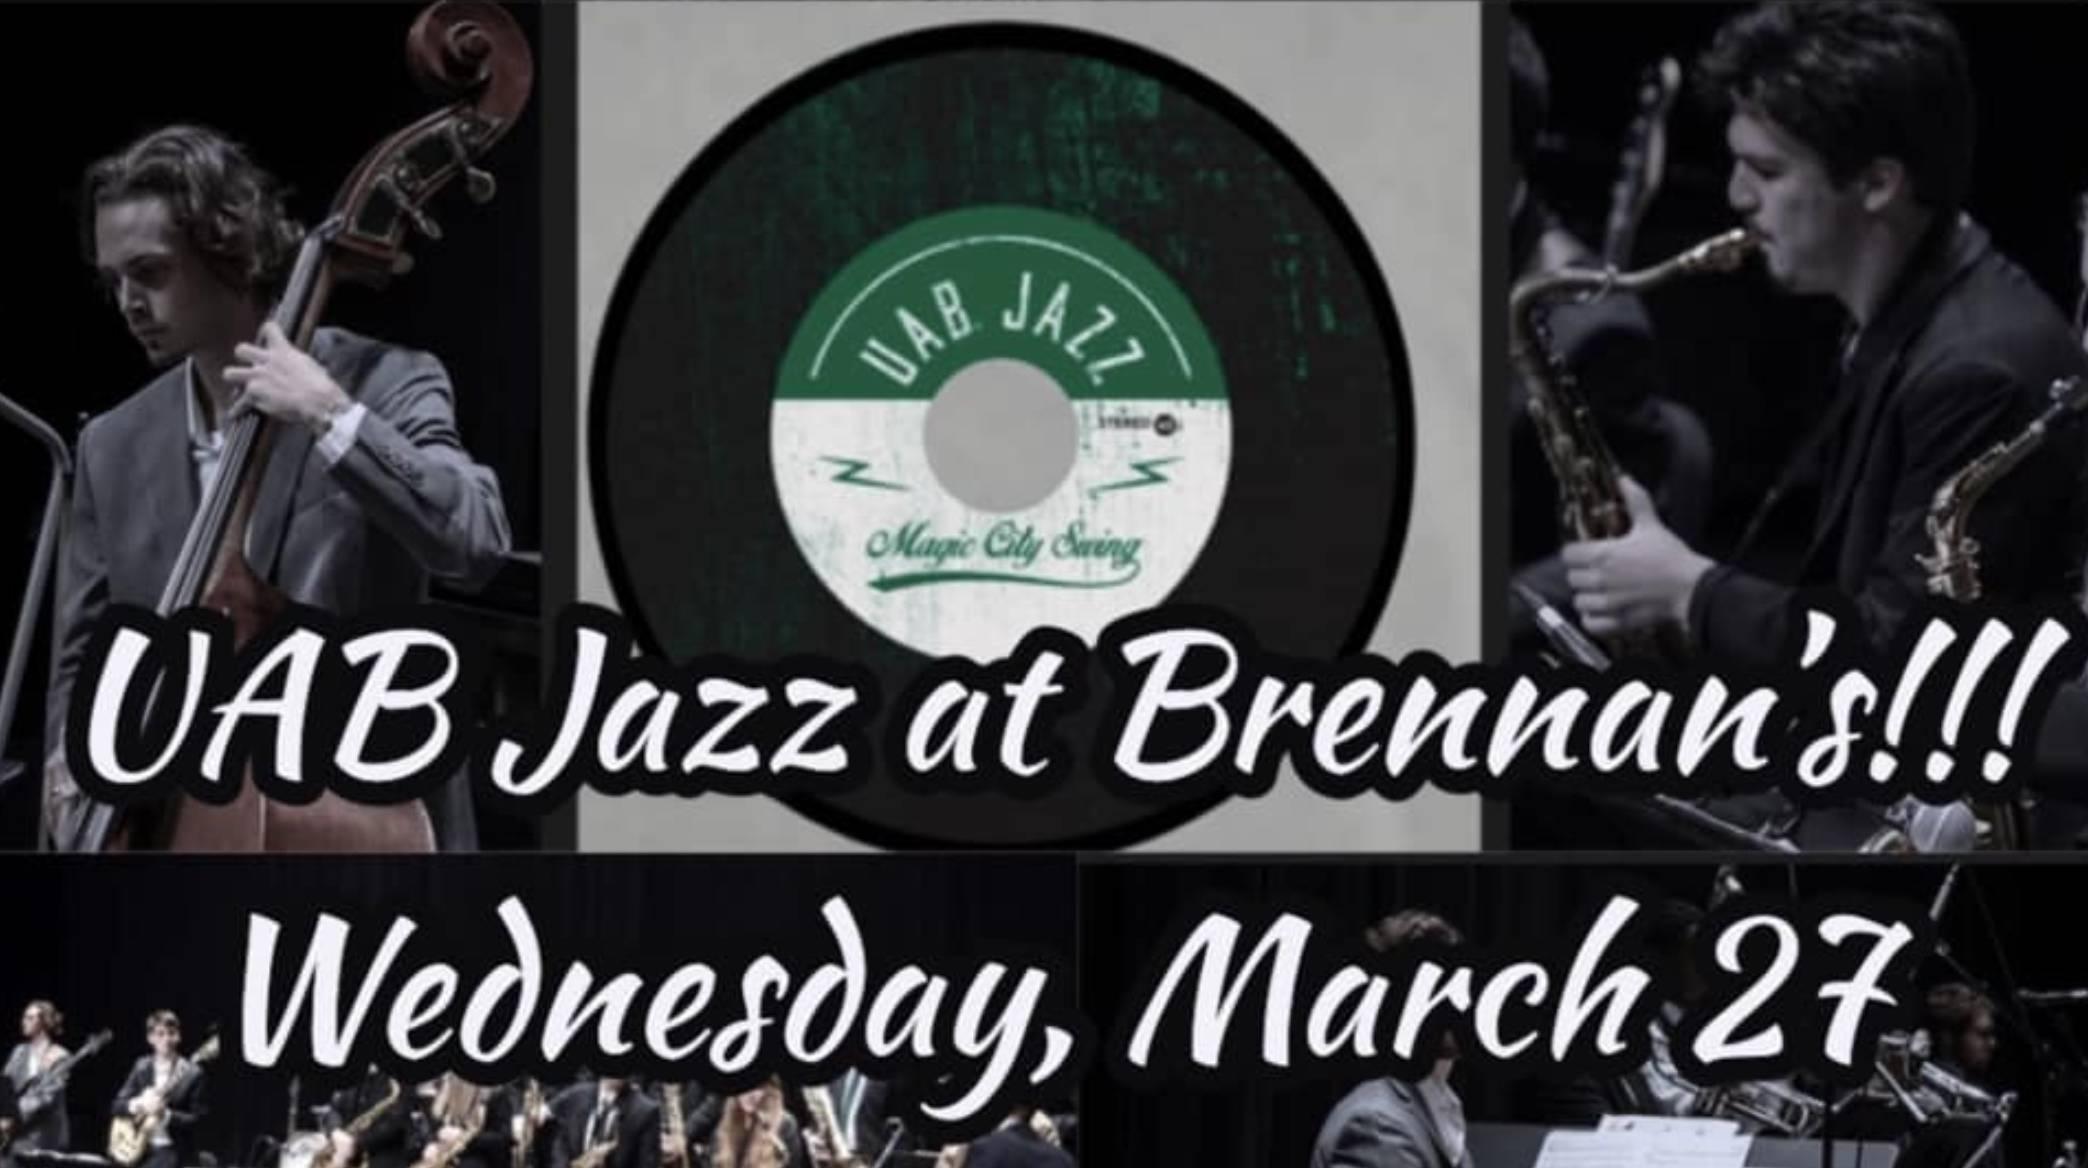 UAB Jazz